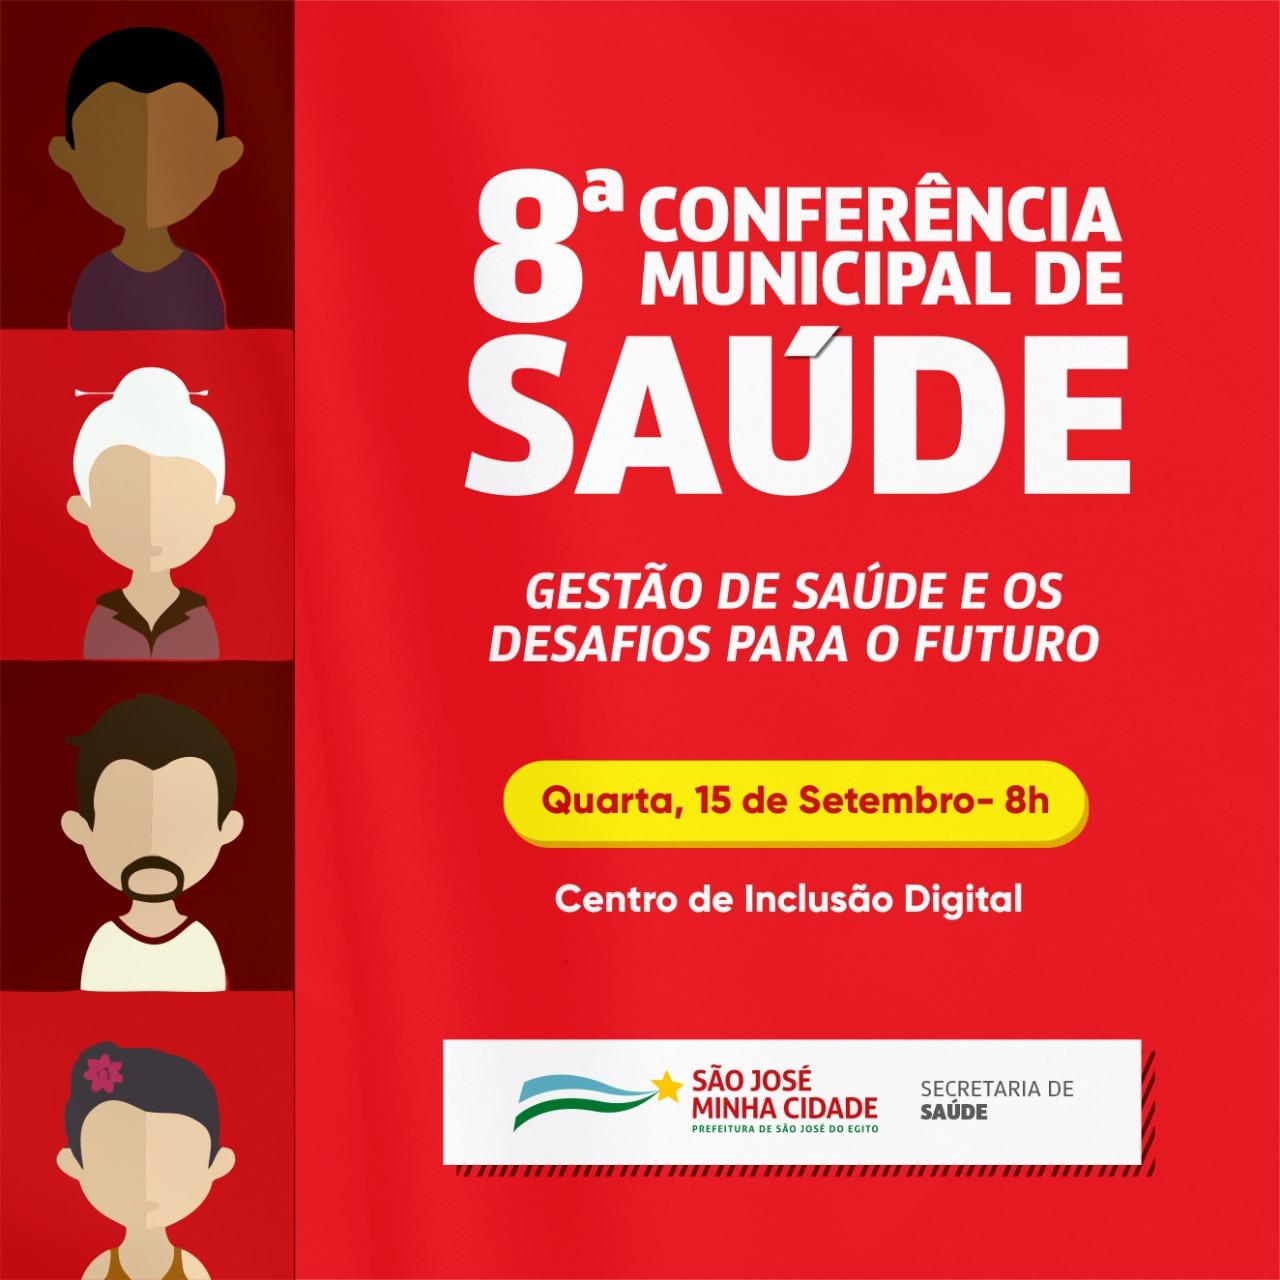 Conferência Municipal de Saúde acontece nesta quarta (15) em SJE